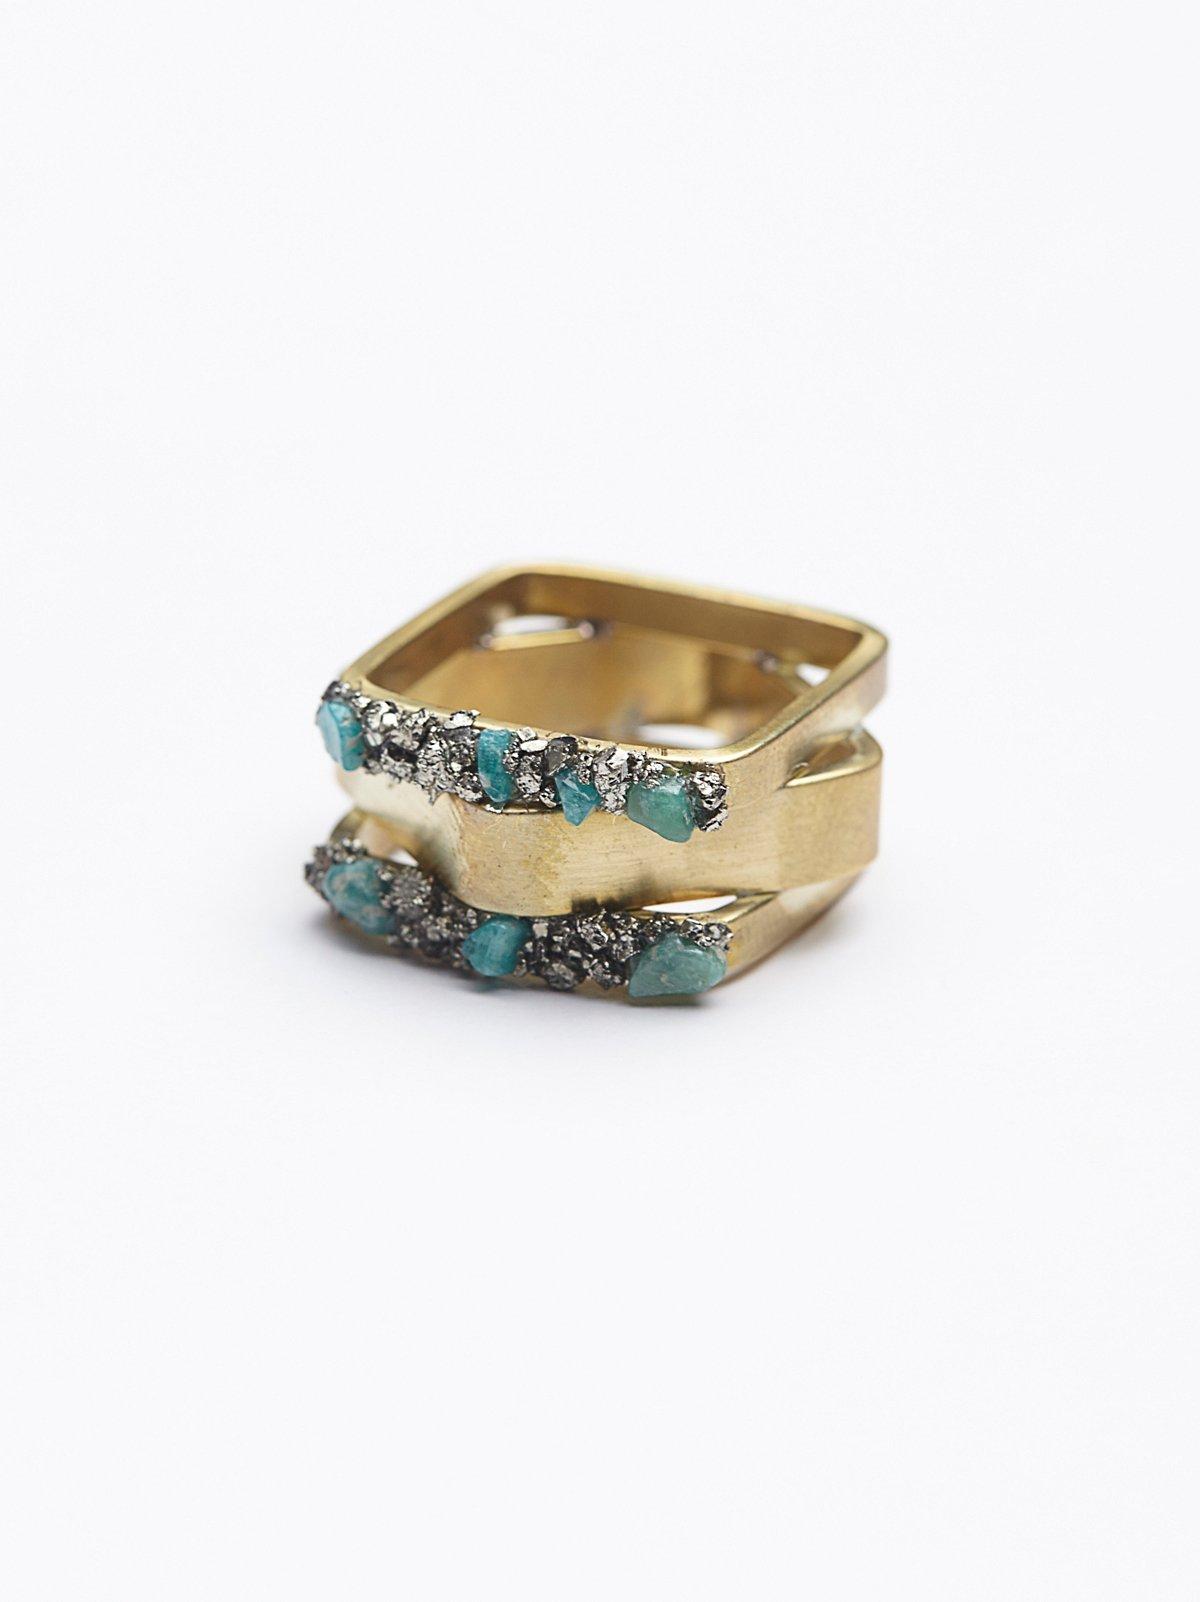 Pyrite混合造型戒指